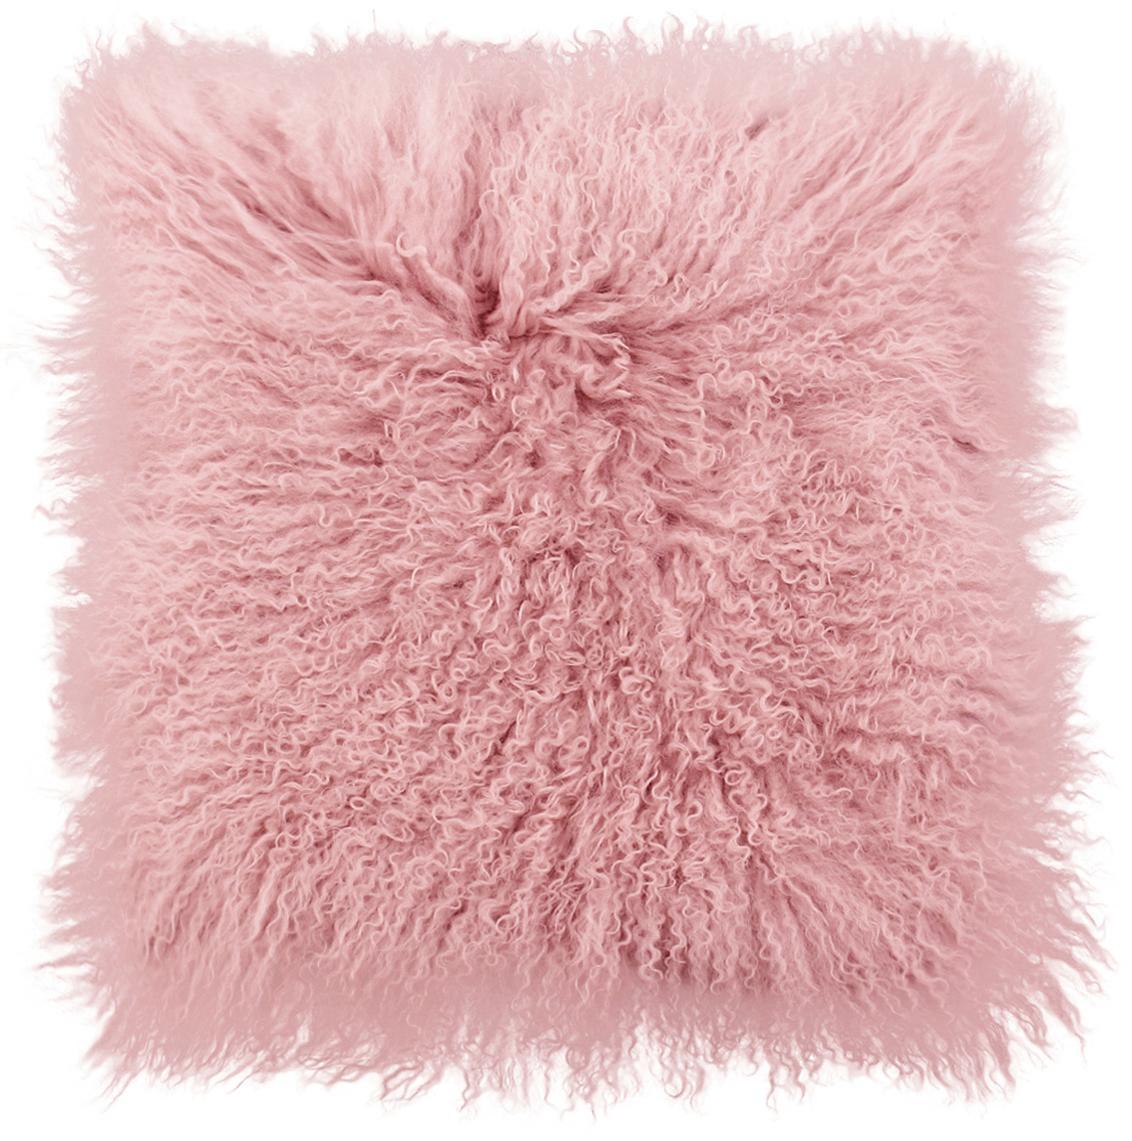 Funda de cojín en piel de cordero rizada Ella, Parte delantera: 100%piel de cordero de M, Parte trasera: 100%poliéster, Rosa, An 40 x L 40 cm